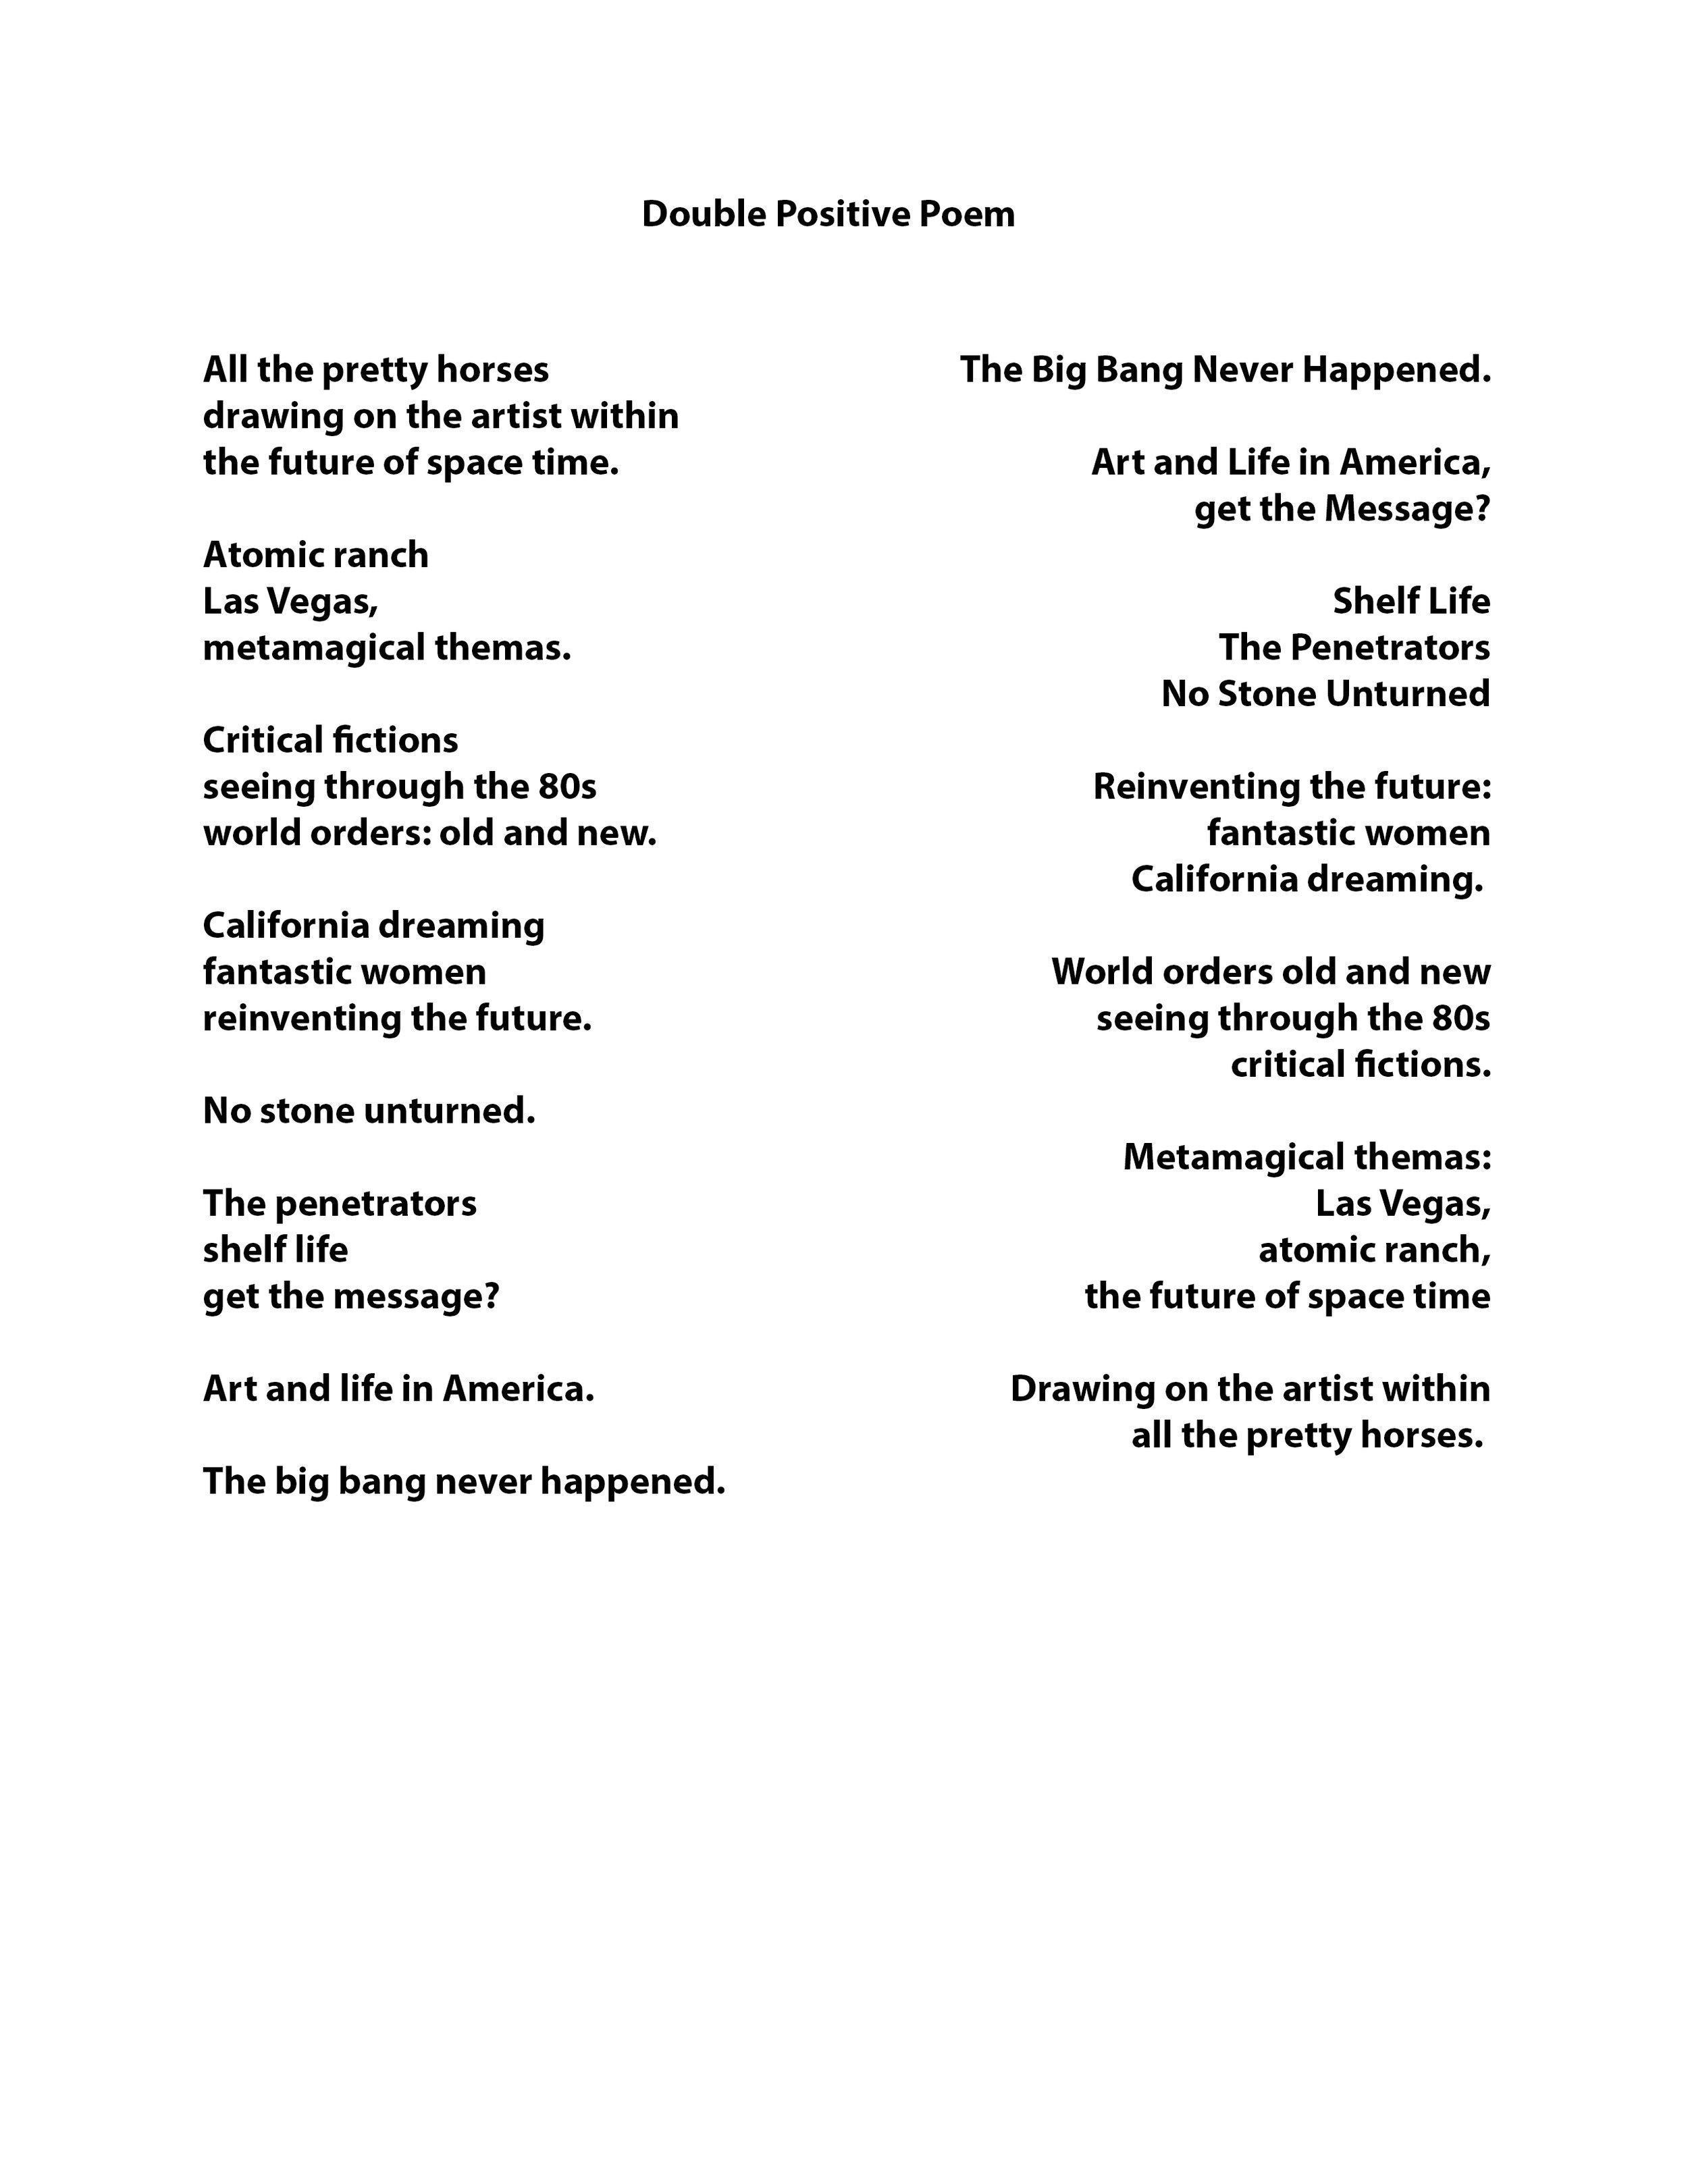 poem-update.jpg